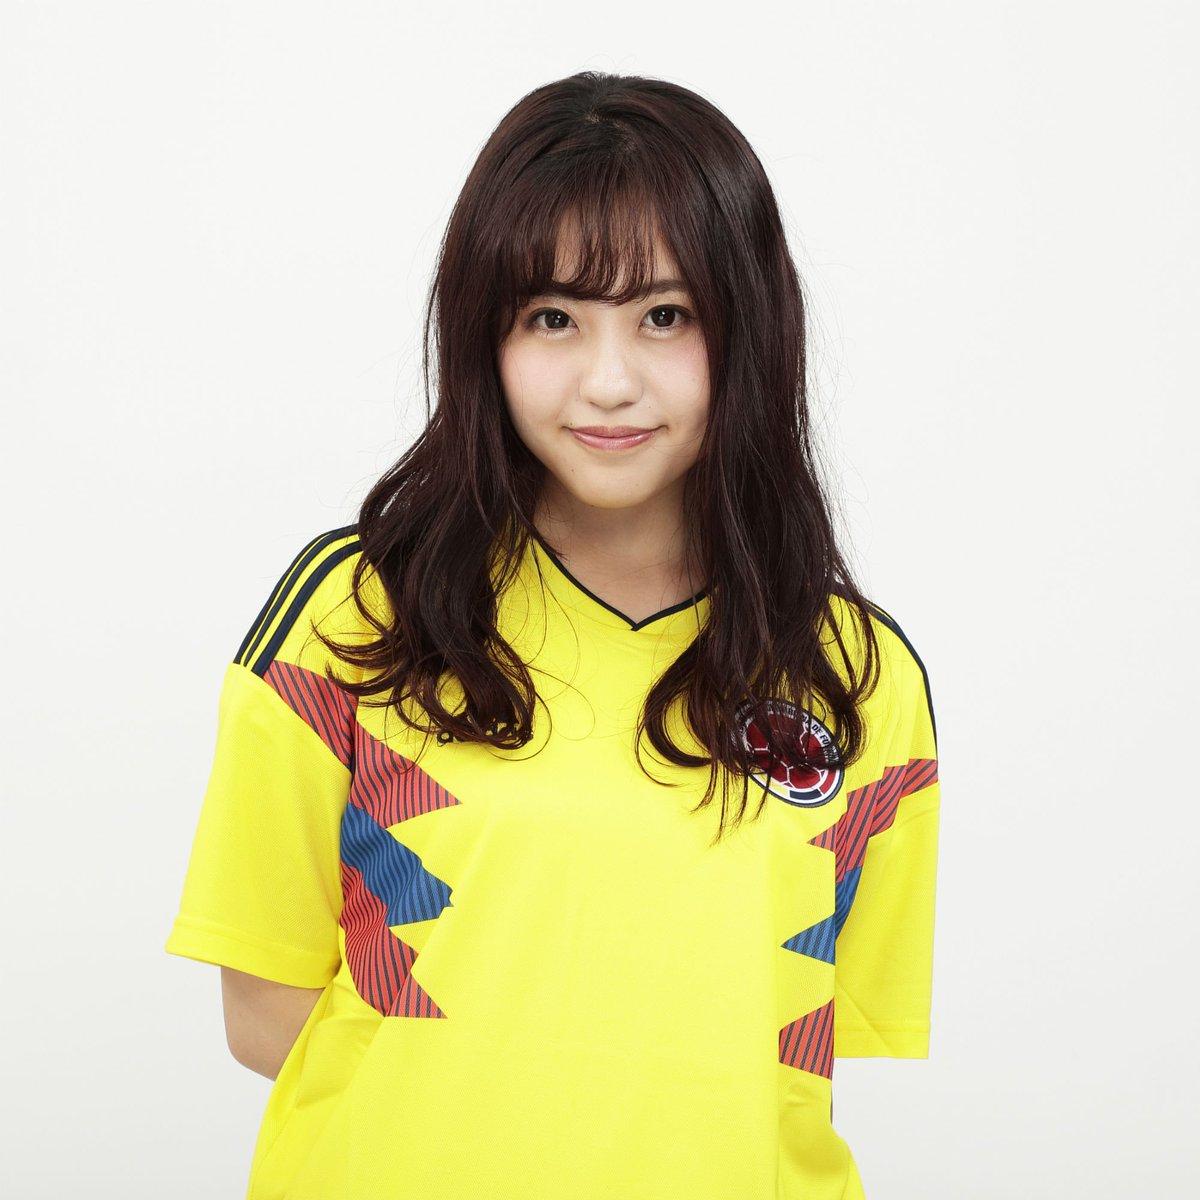 Goal Japanさんの投稿画像